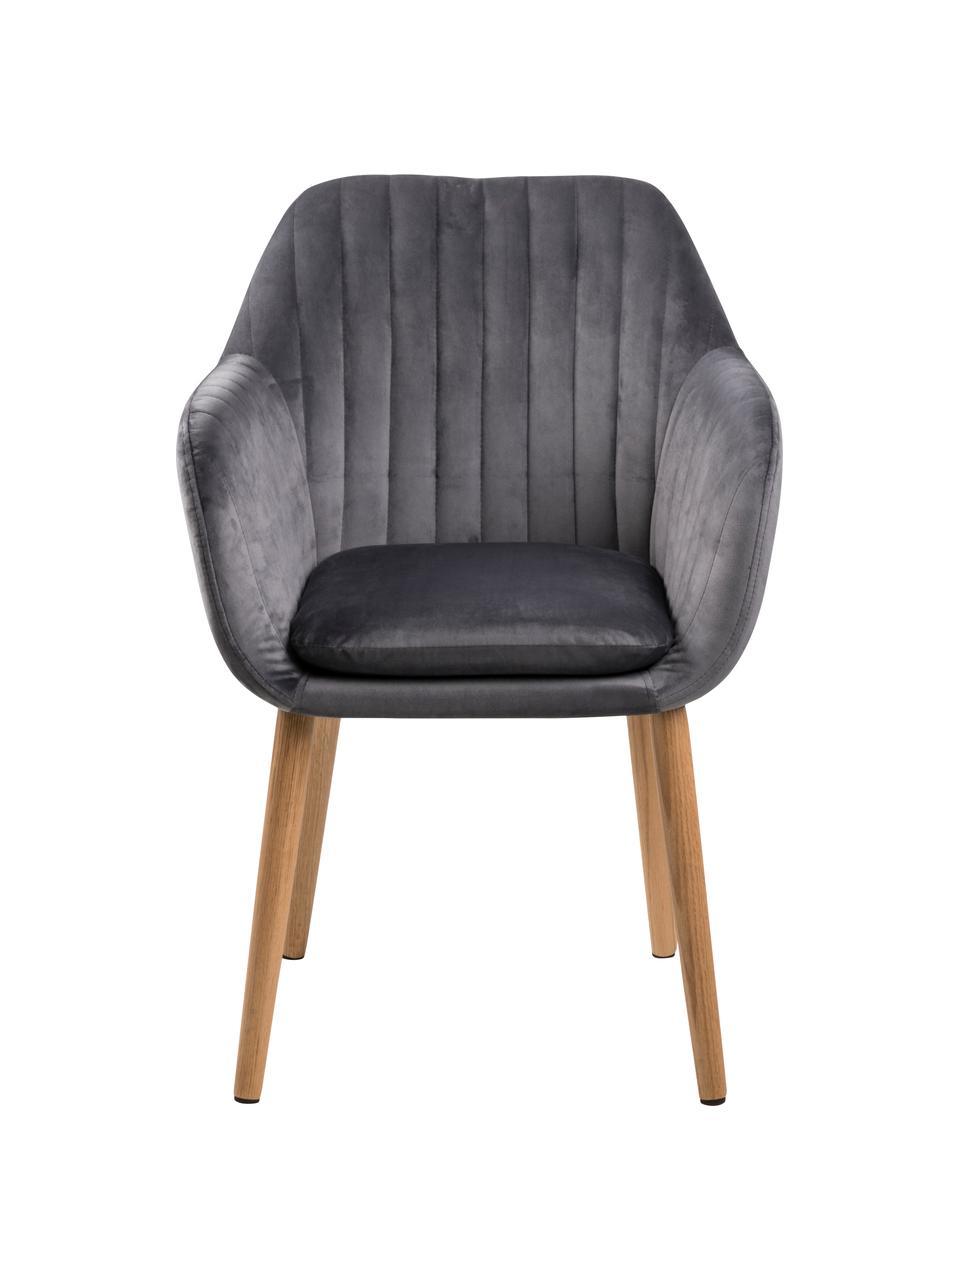 Krzesło z aksamitu z podłokietnikami i drewnianymi nogami Emilia, Tapicerka: aksamit poliestrowy Dzięk, Nogi: drewno dębowe, olejowane, Aksamitny ciemny szary, czarny, S 57 x G 59 cm